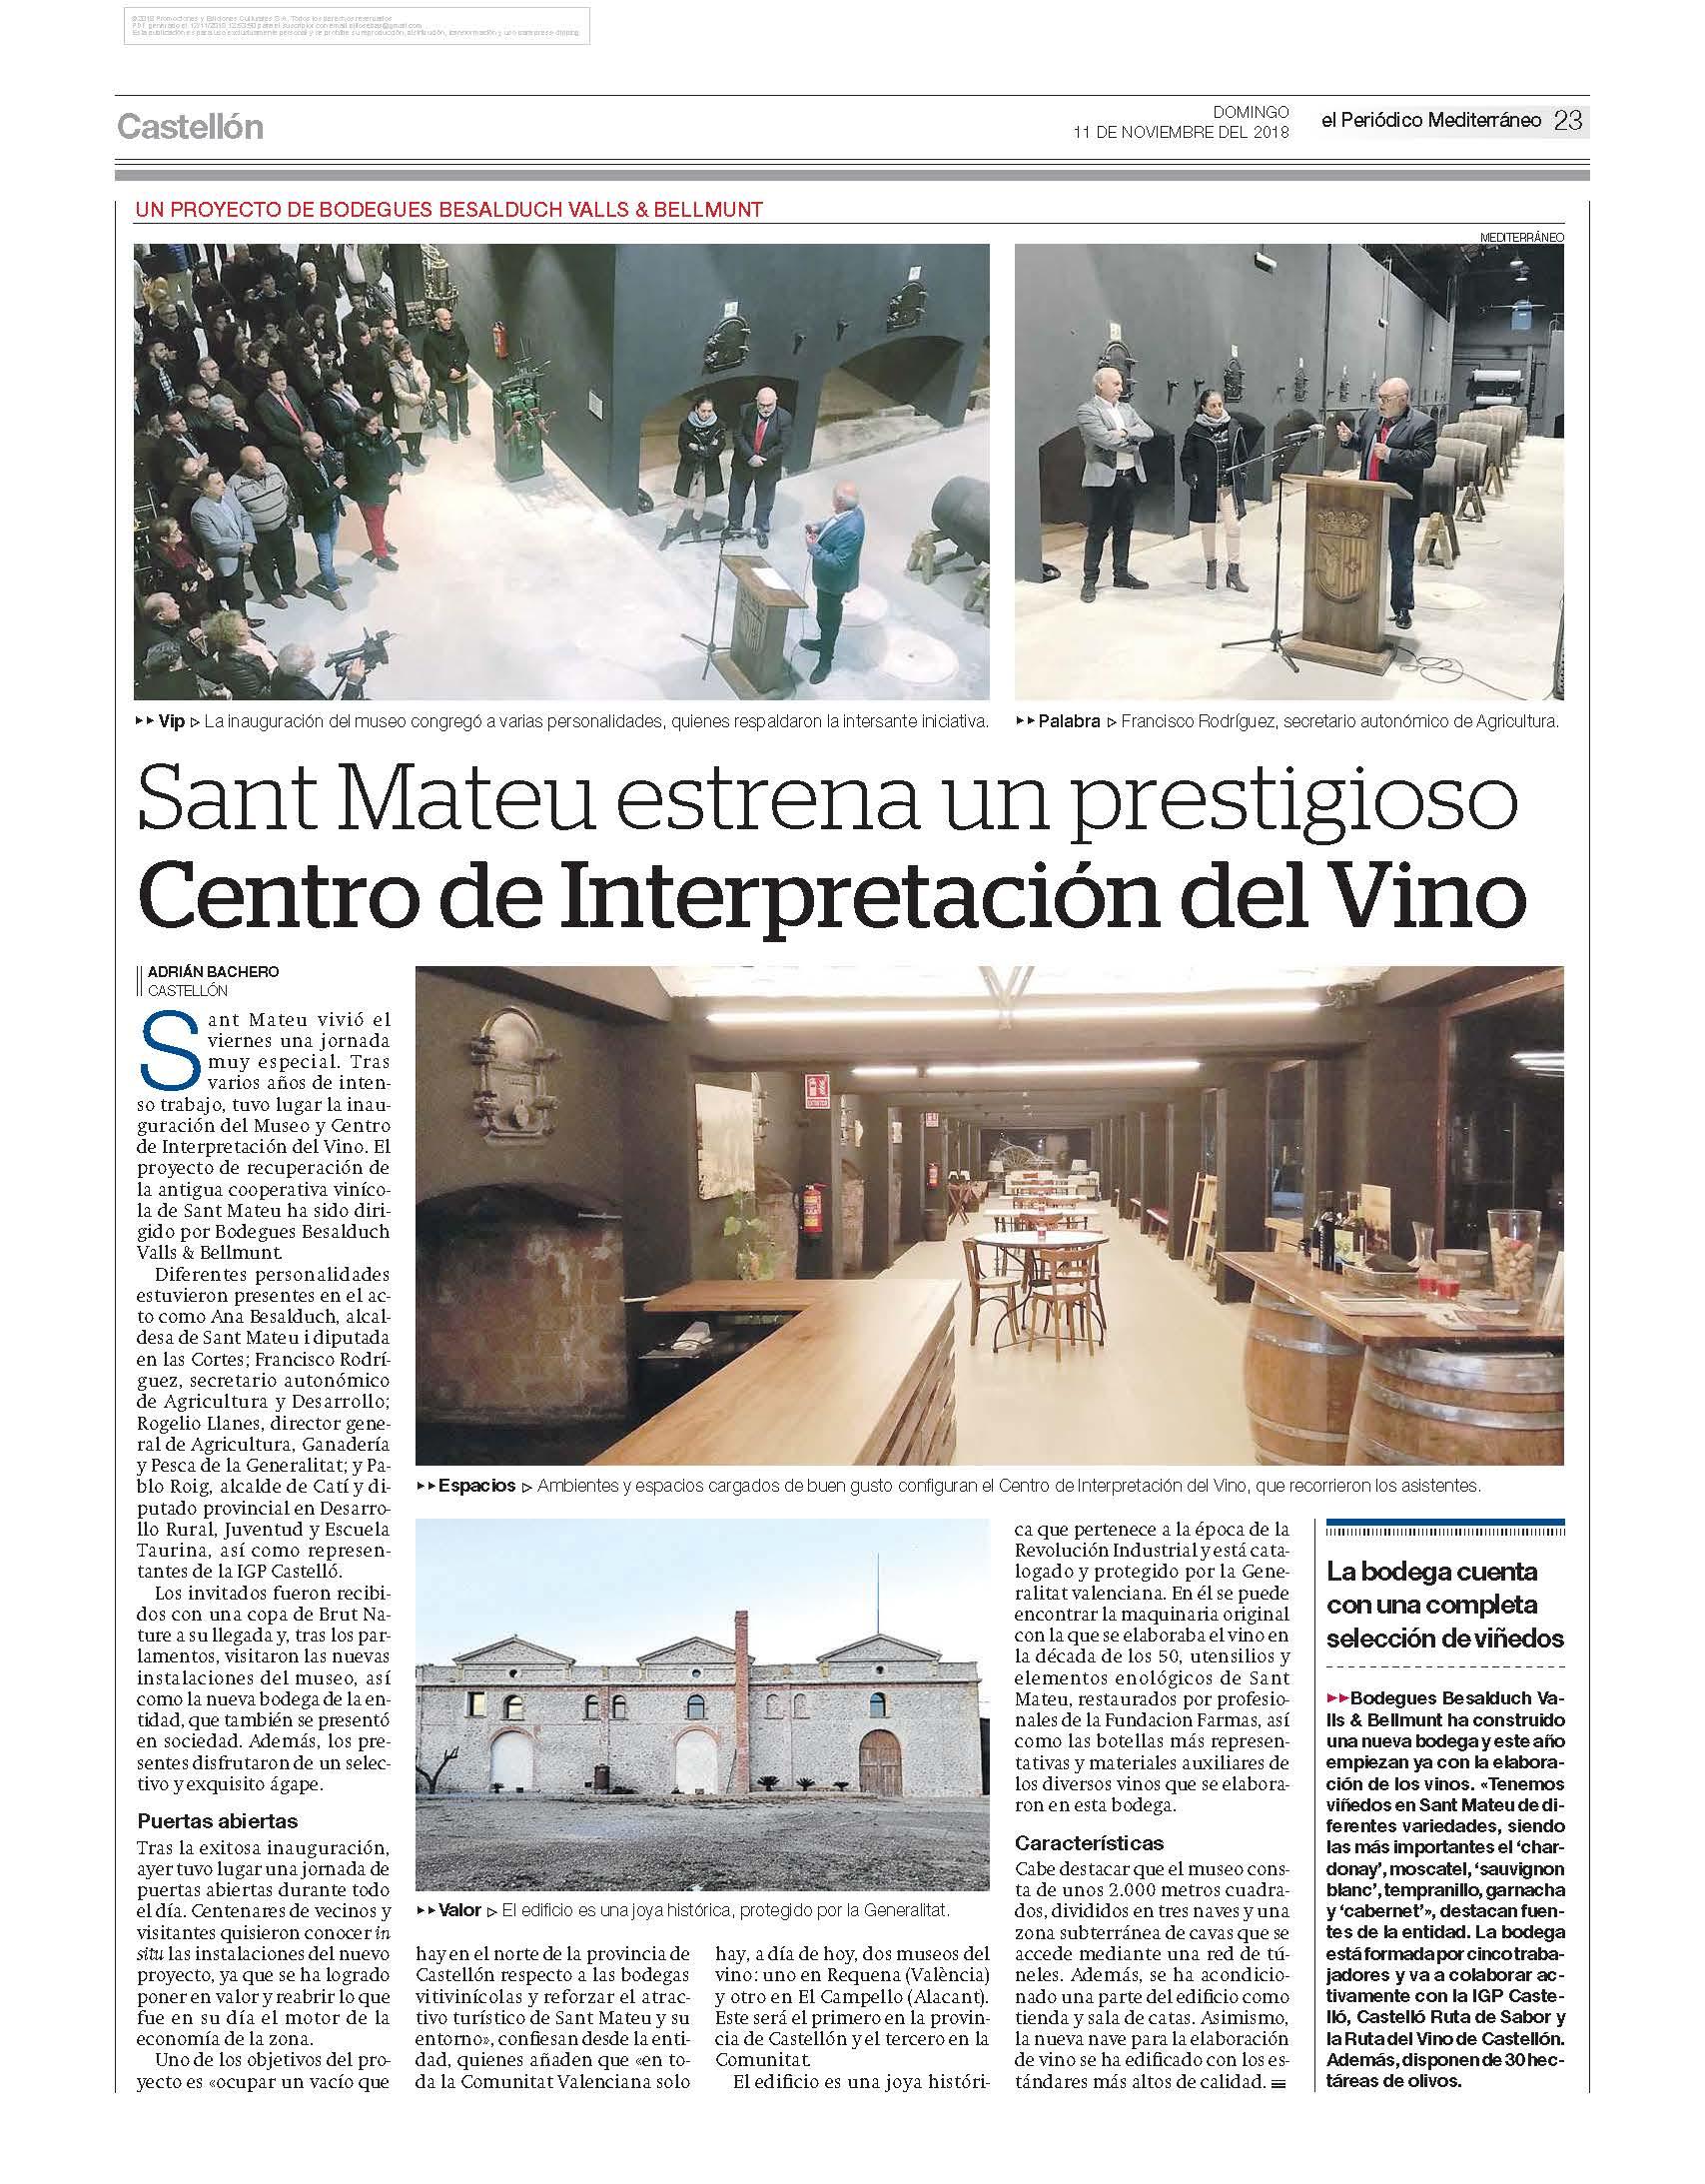 Sant Mateu estrena un prestigioso Centro de Interpretación del Vino